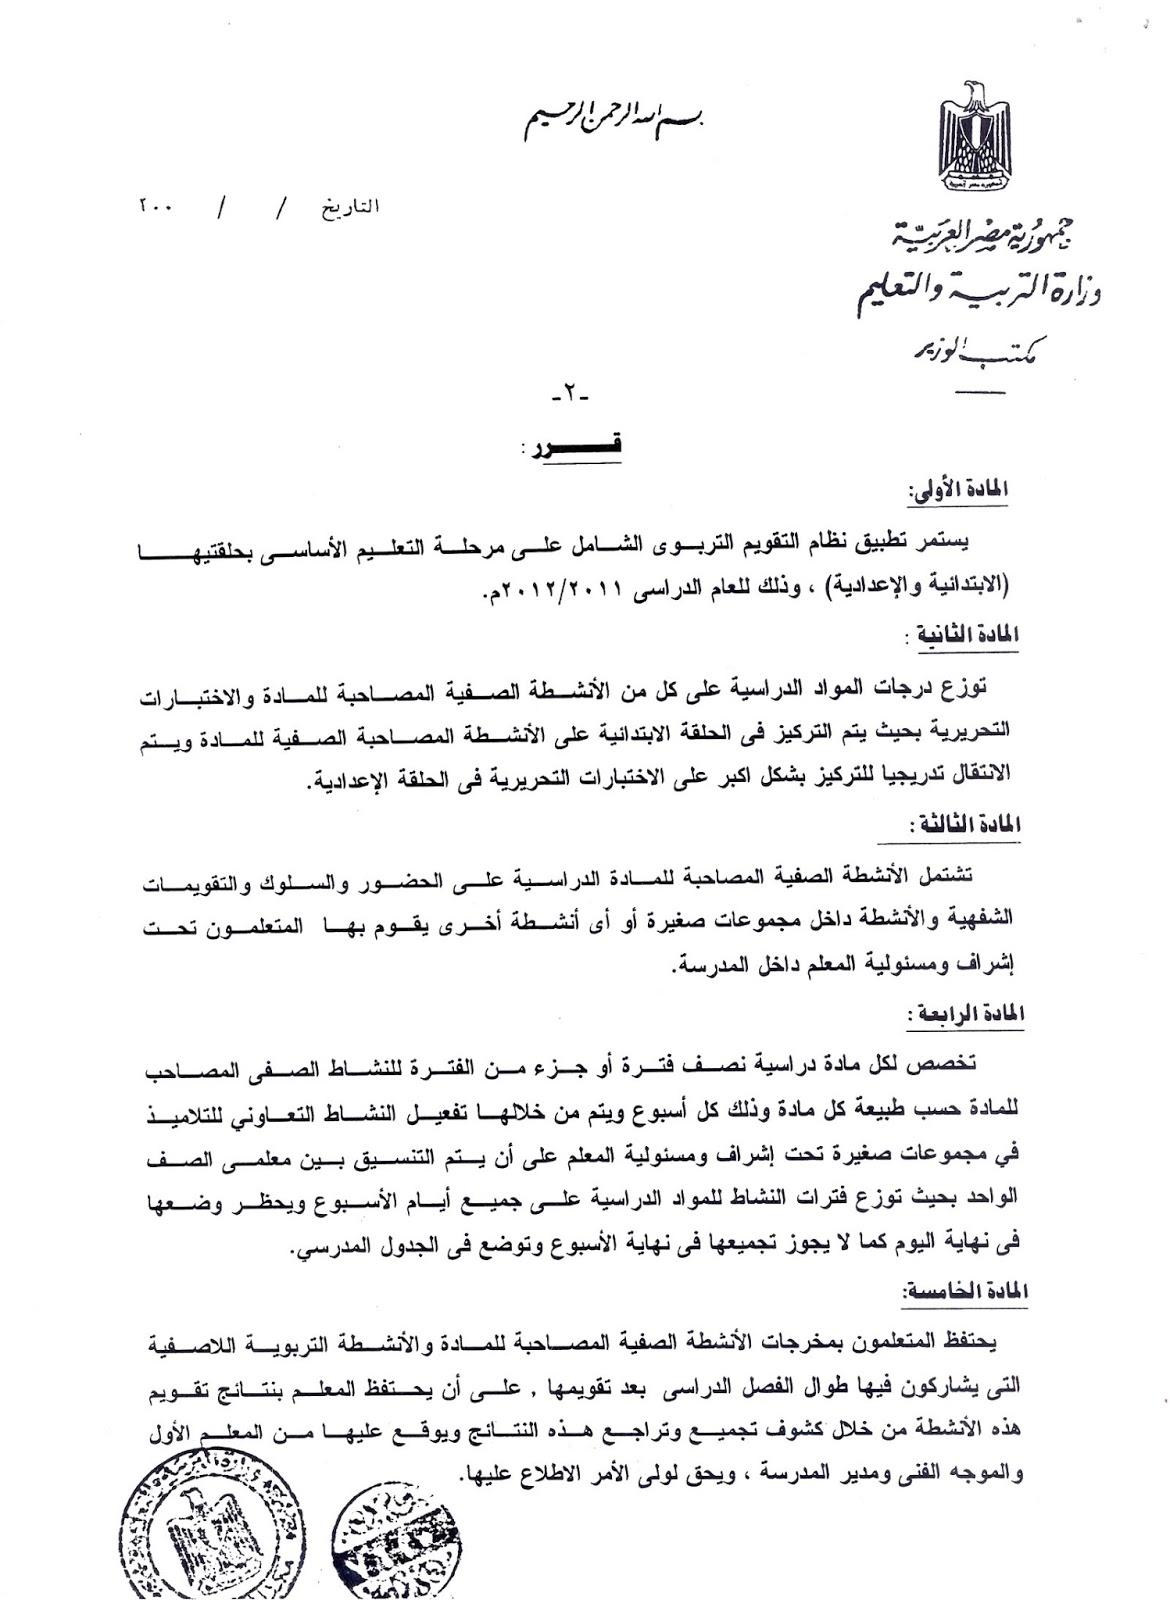 """قرار وزير التربية والتعليم رقم 313 الخاص بمنظومة التقويم التربوي الشامل """"كاملا 43 ورقة pdf"""" _313_002"""